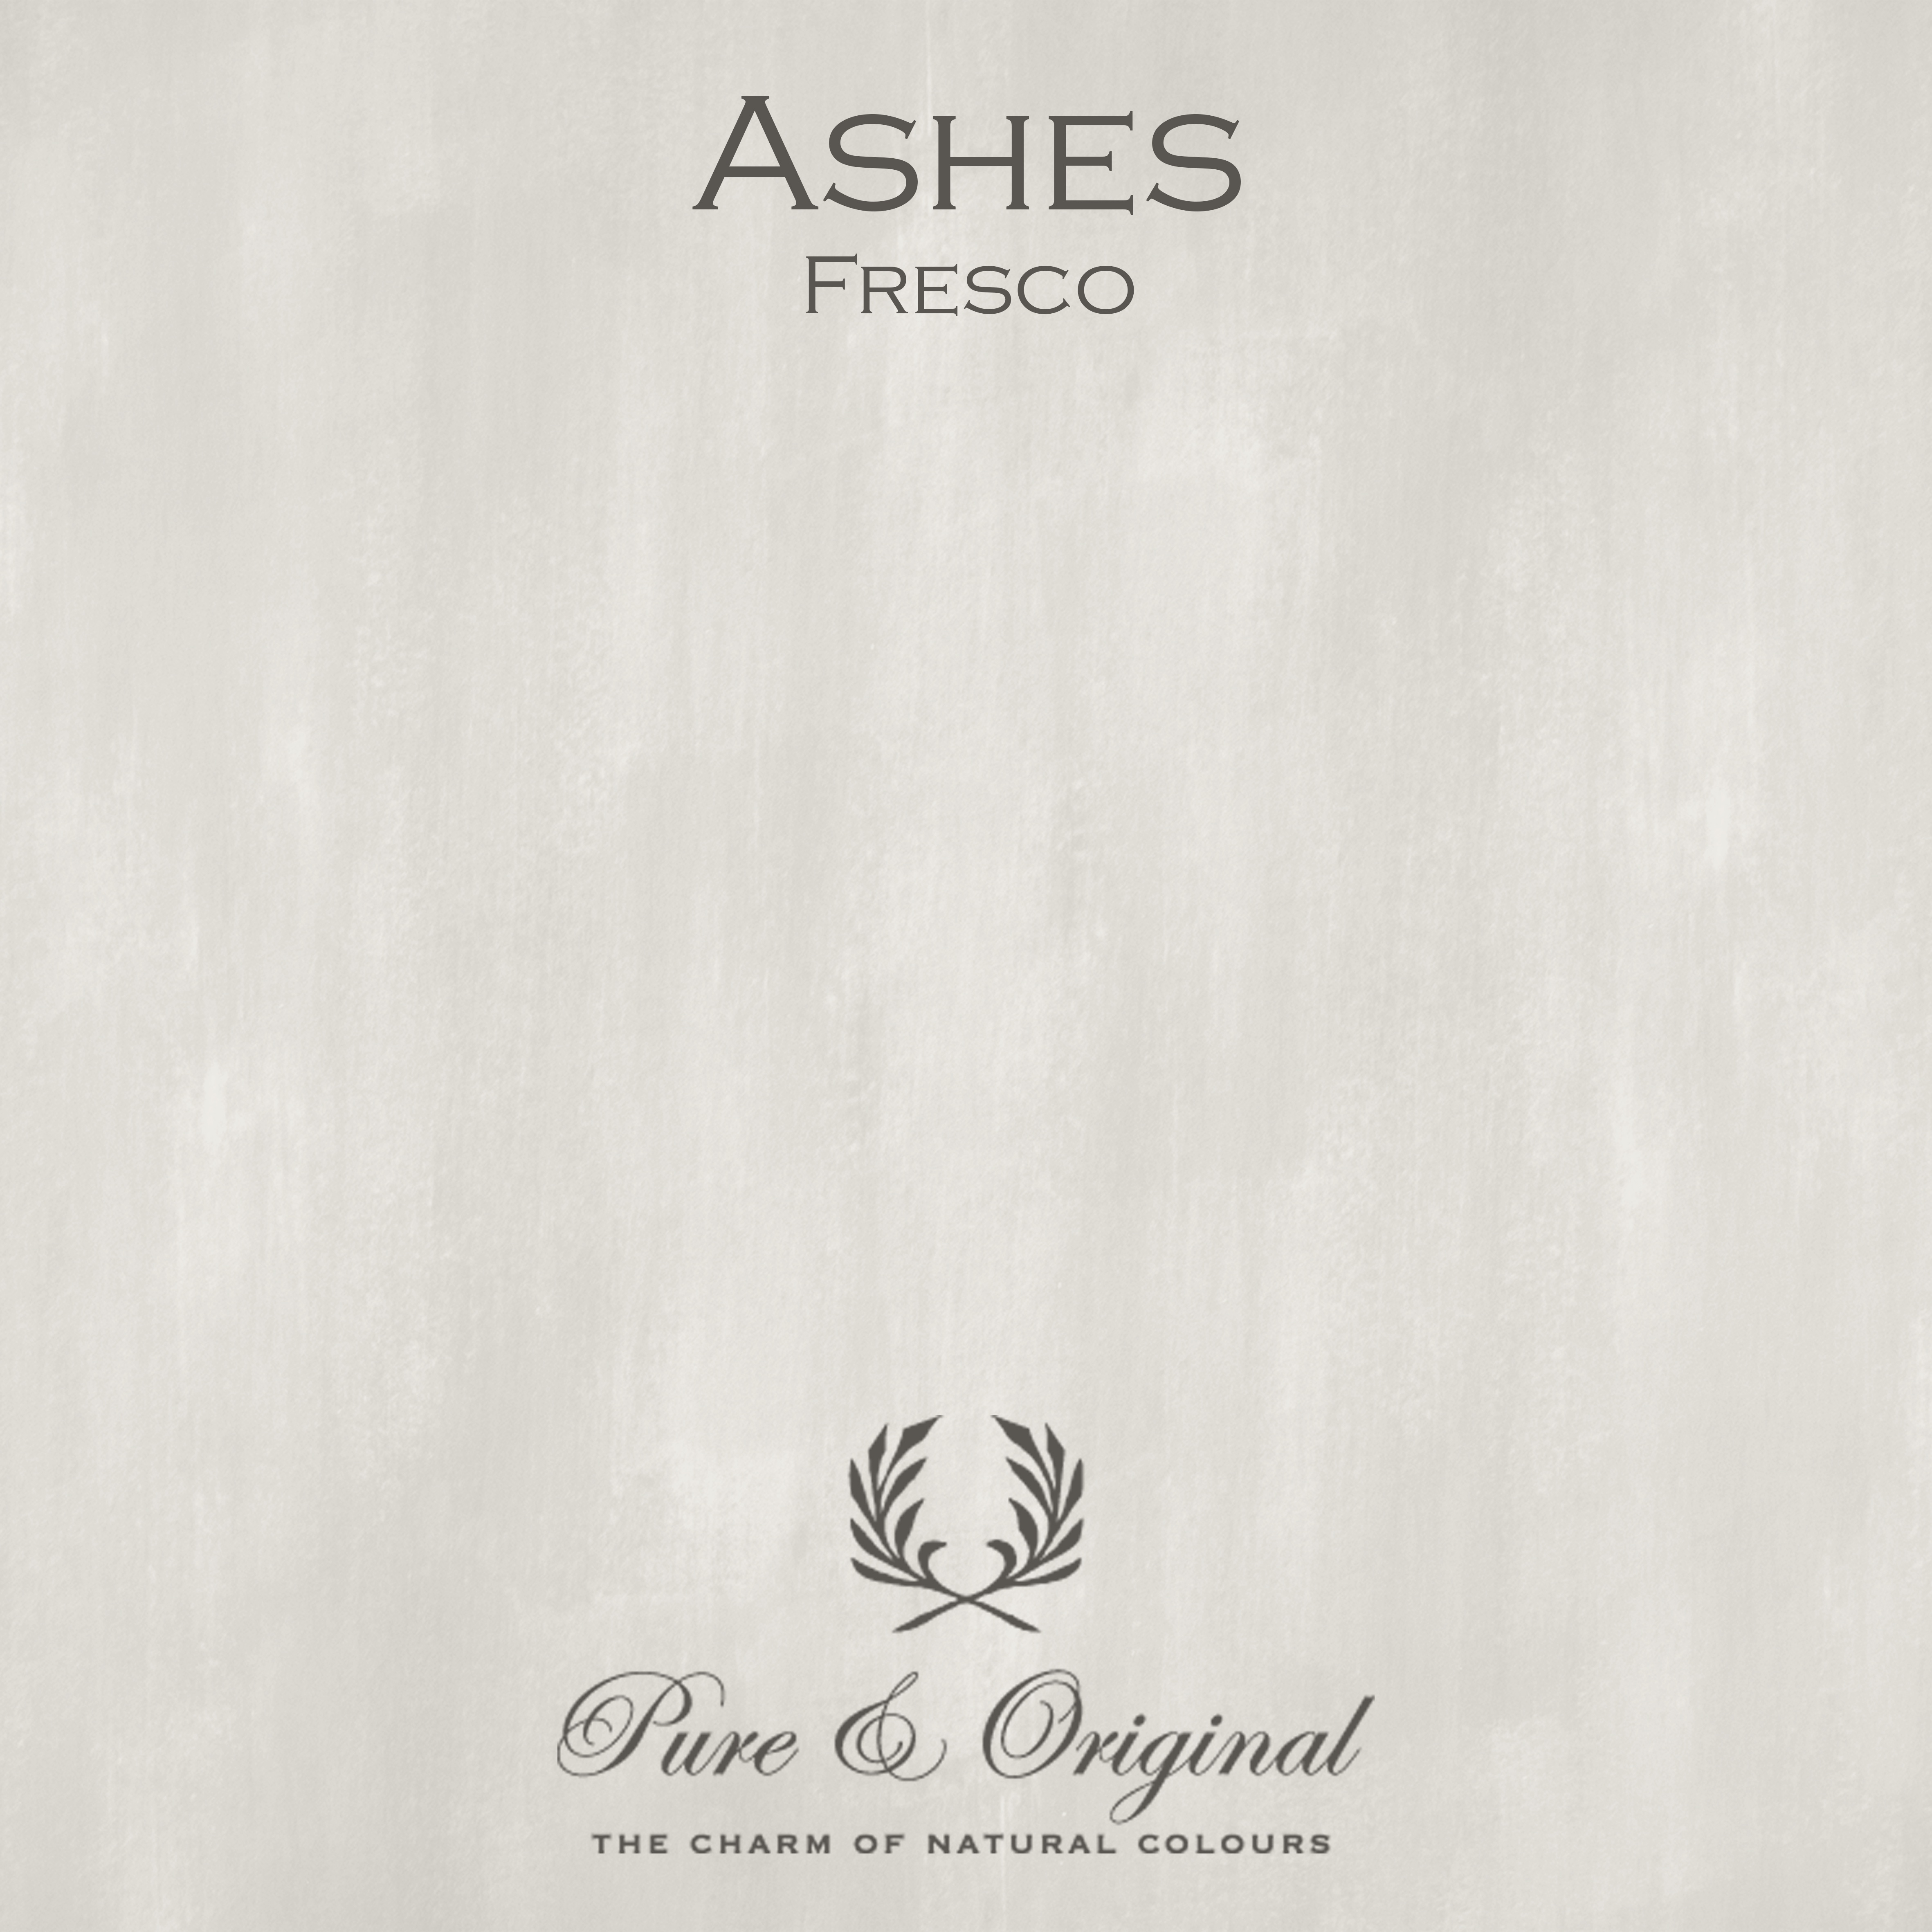 Kulör Ashes, Fresco kalkfärg